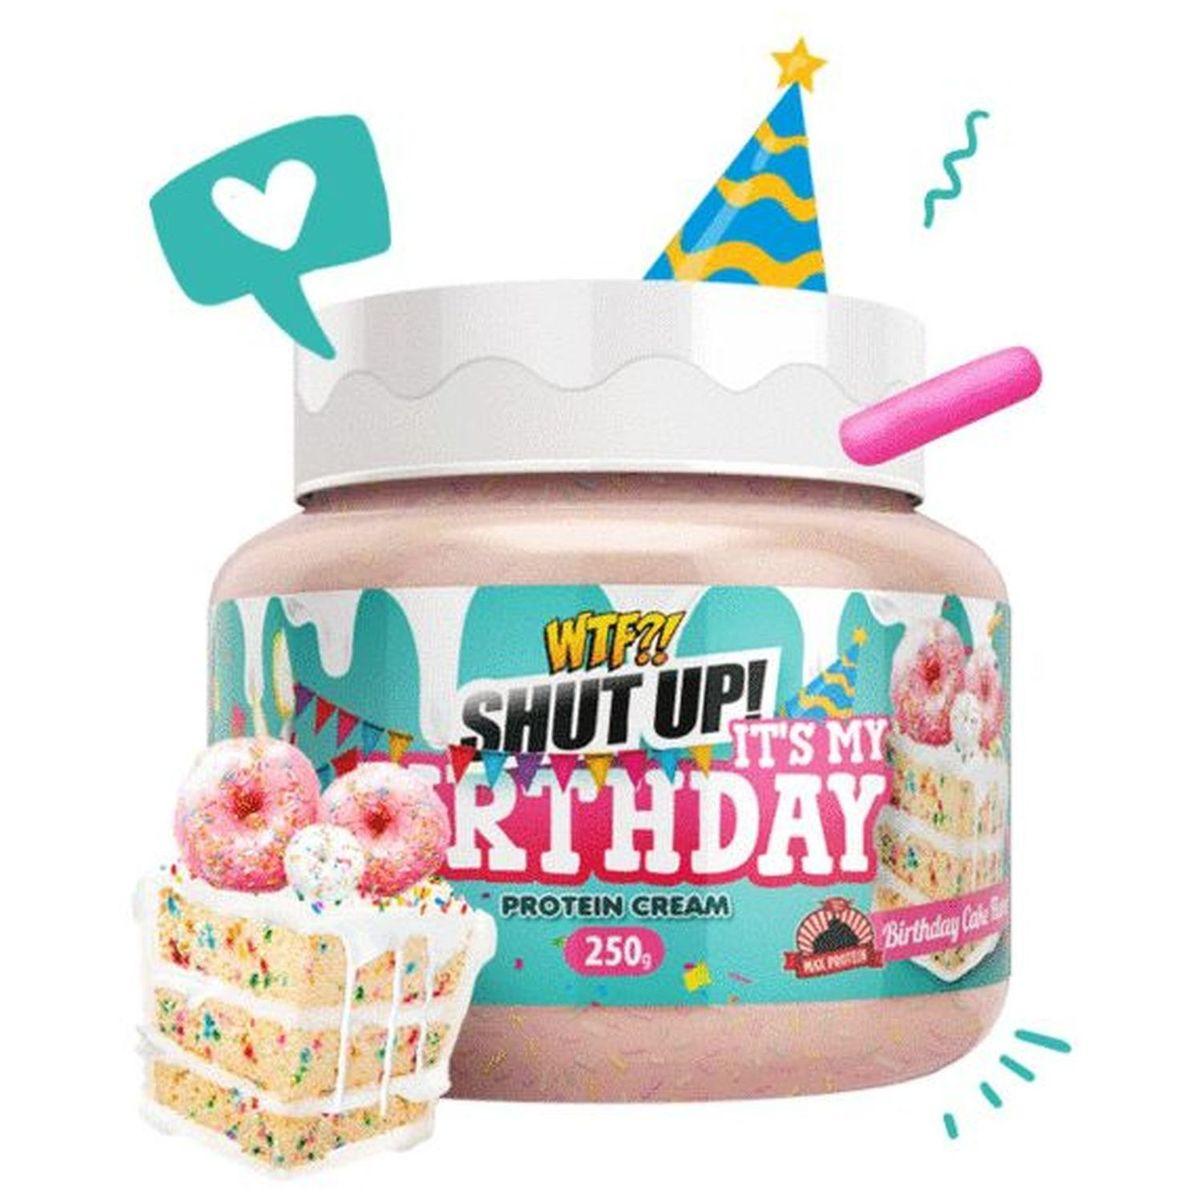 WTF - Shut up! It's my Birthday - 250g